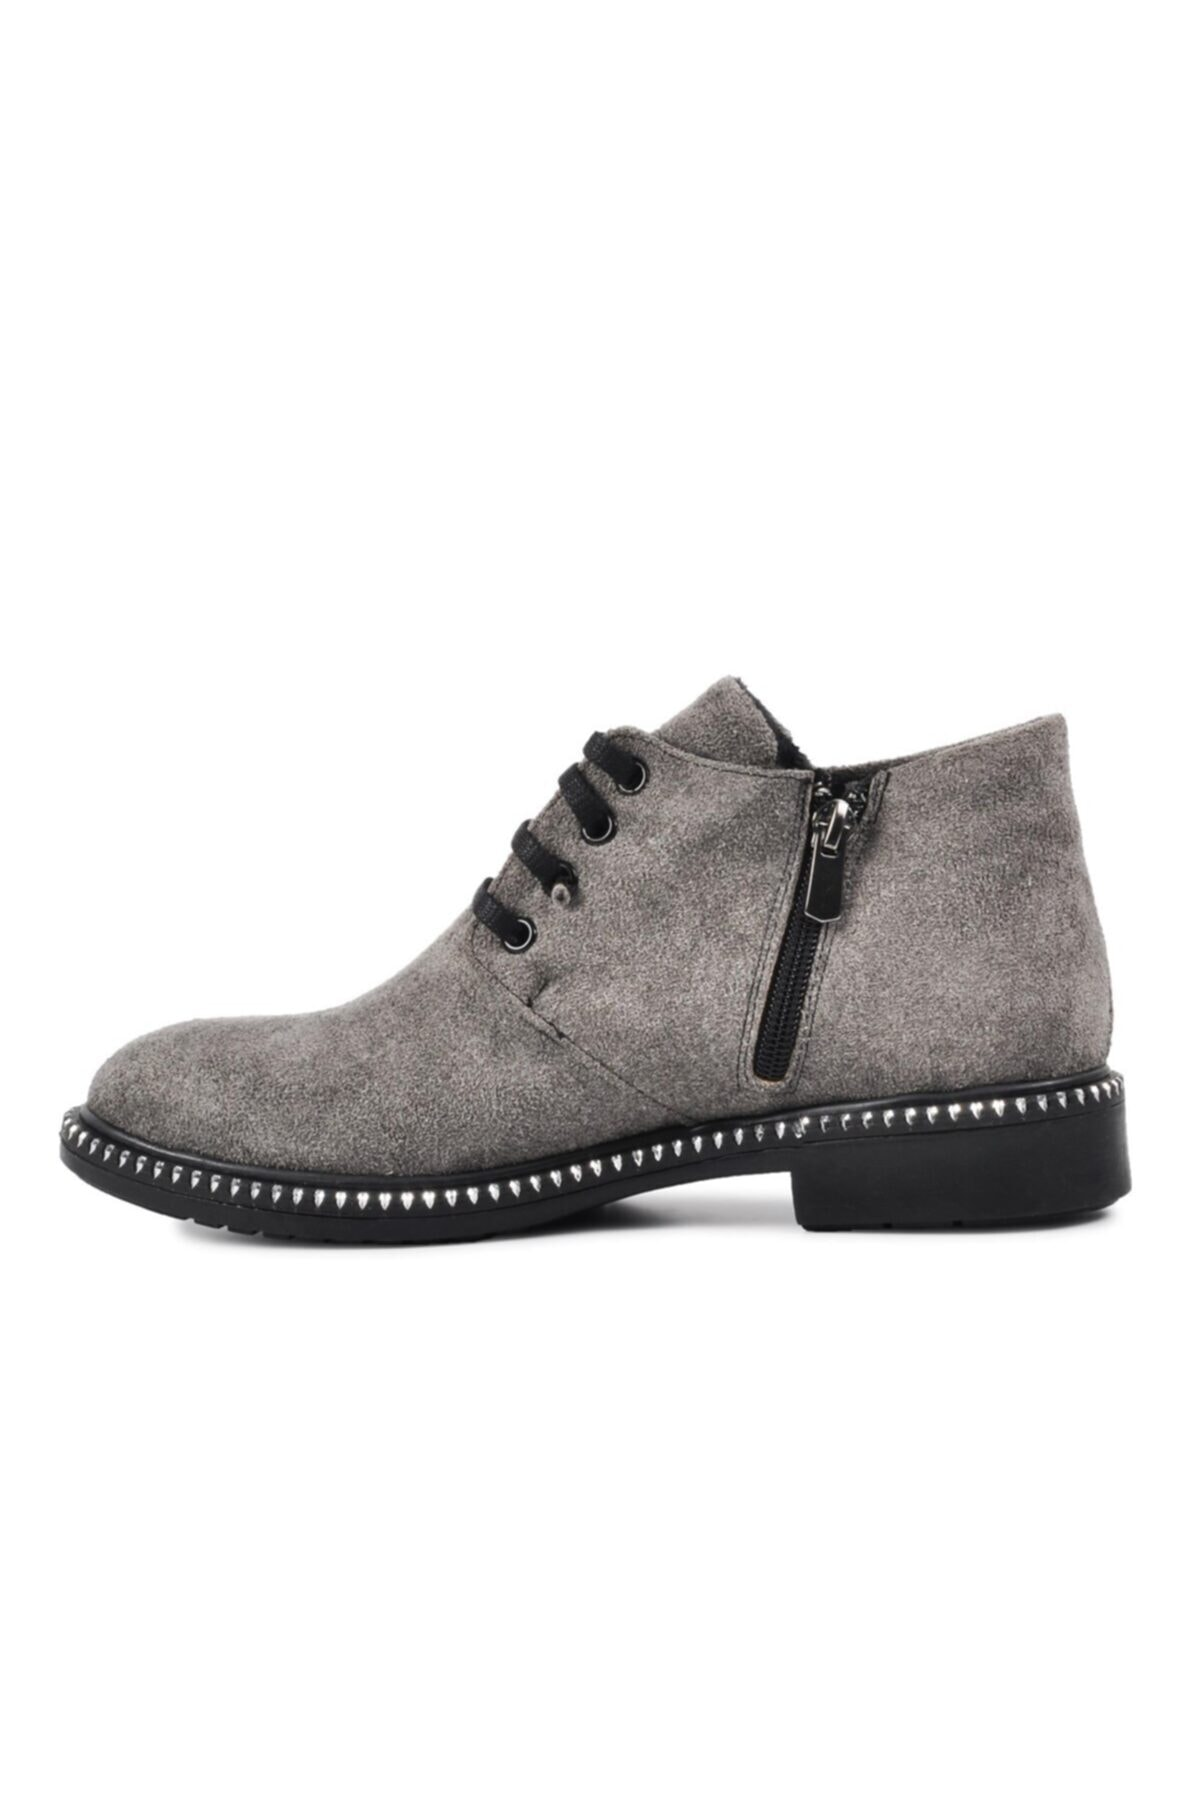 Pierre Cardin Kadın Gri Ayakkabı 2